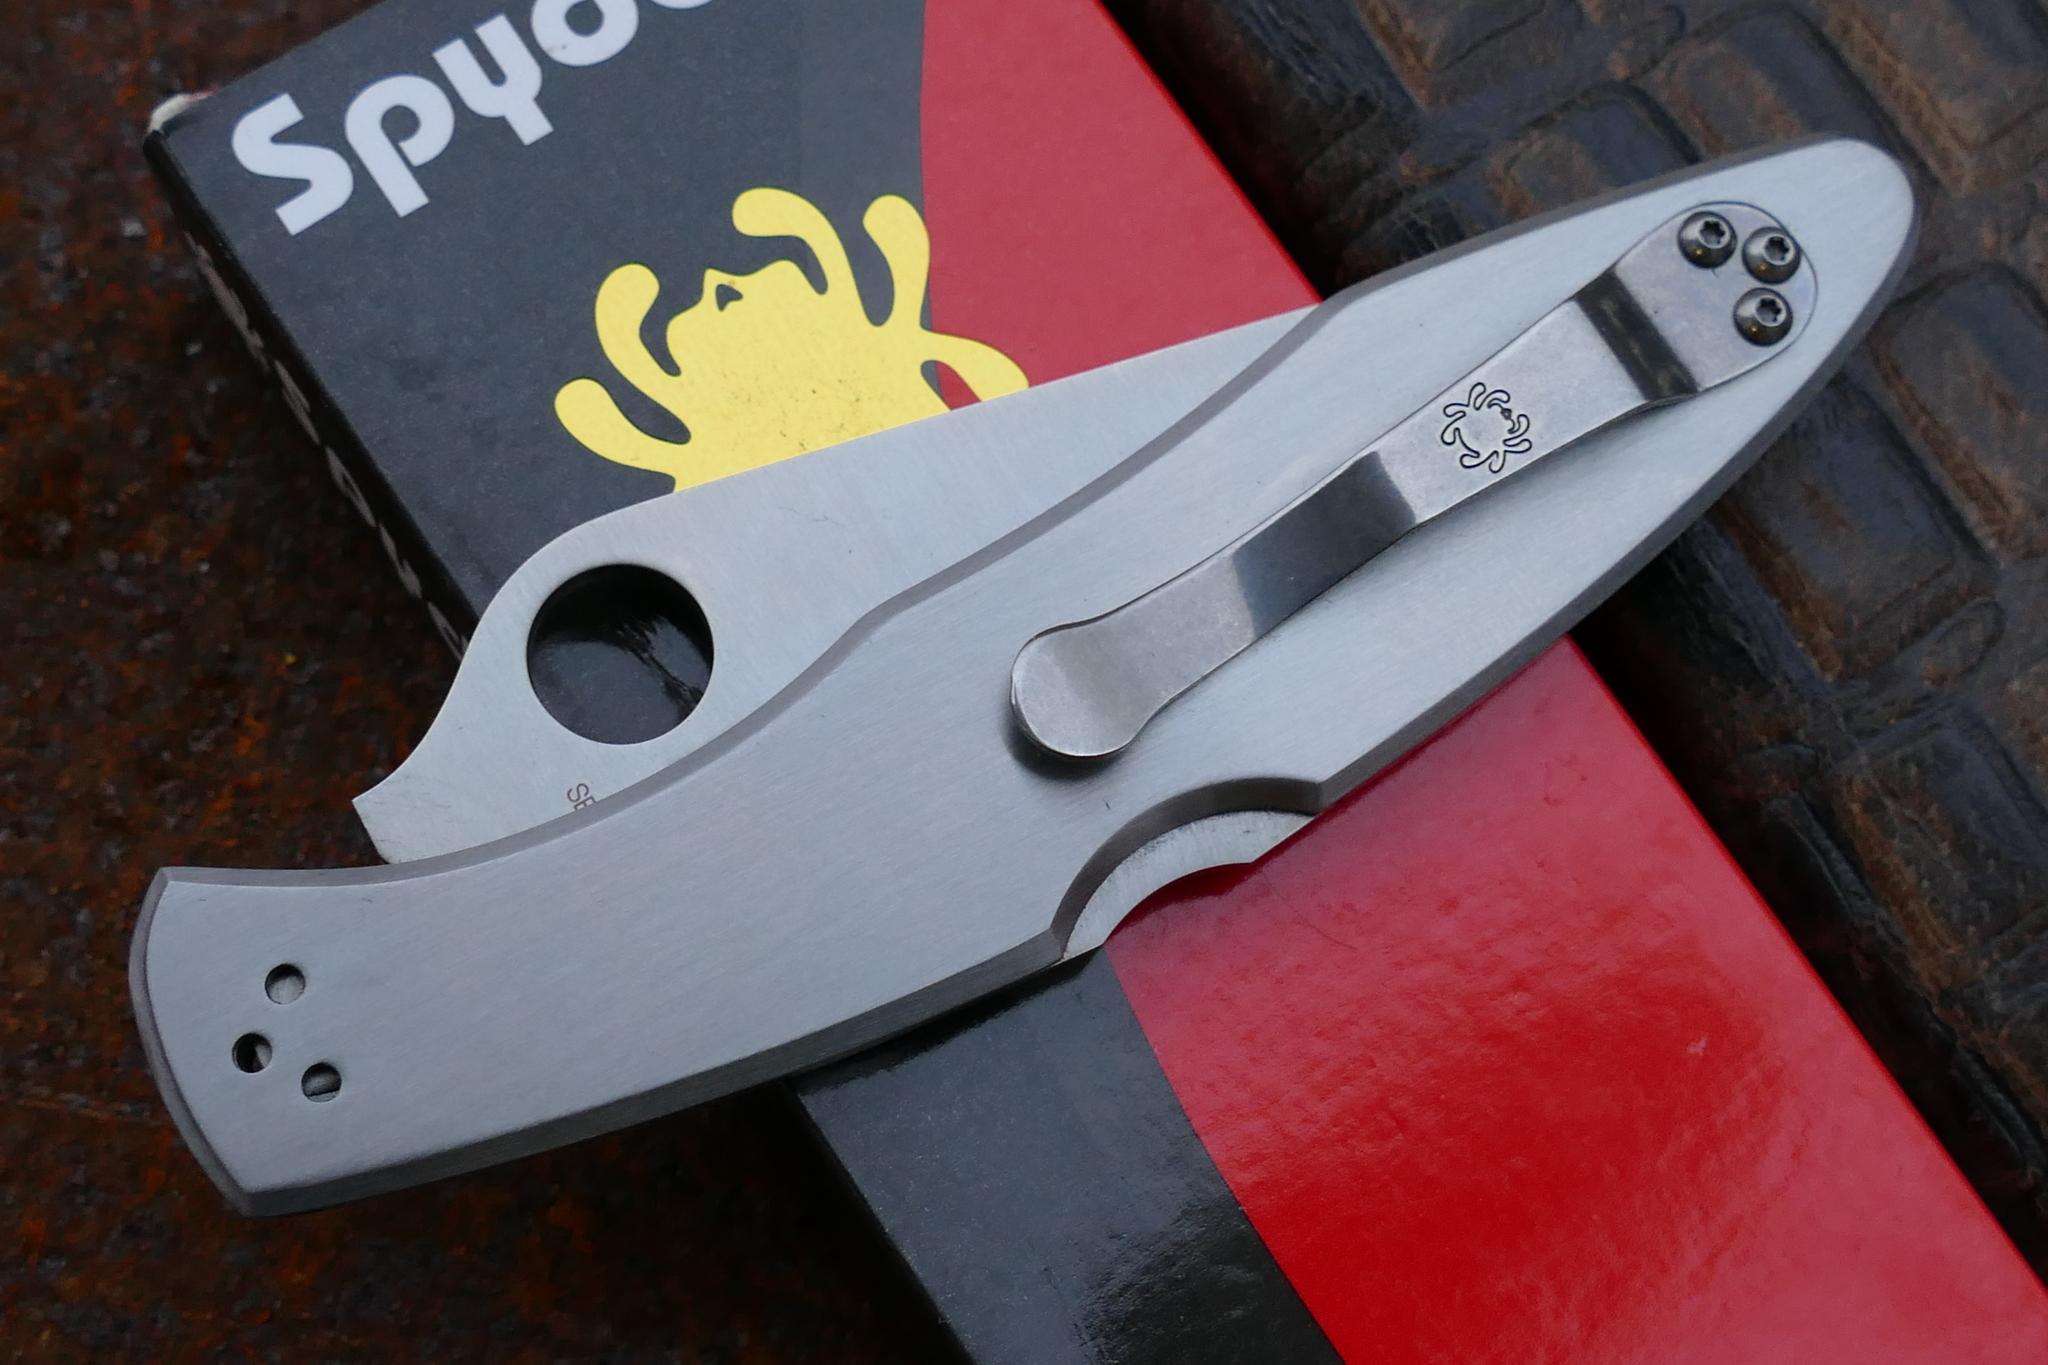 Фото 10 - Складной нож Spyderco Police Full Serrated Edge, сталь VG 10, стальная рукоятка